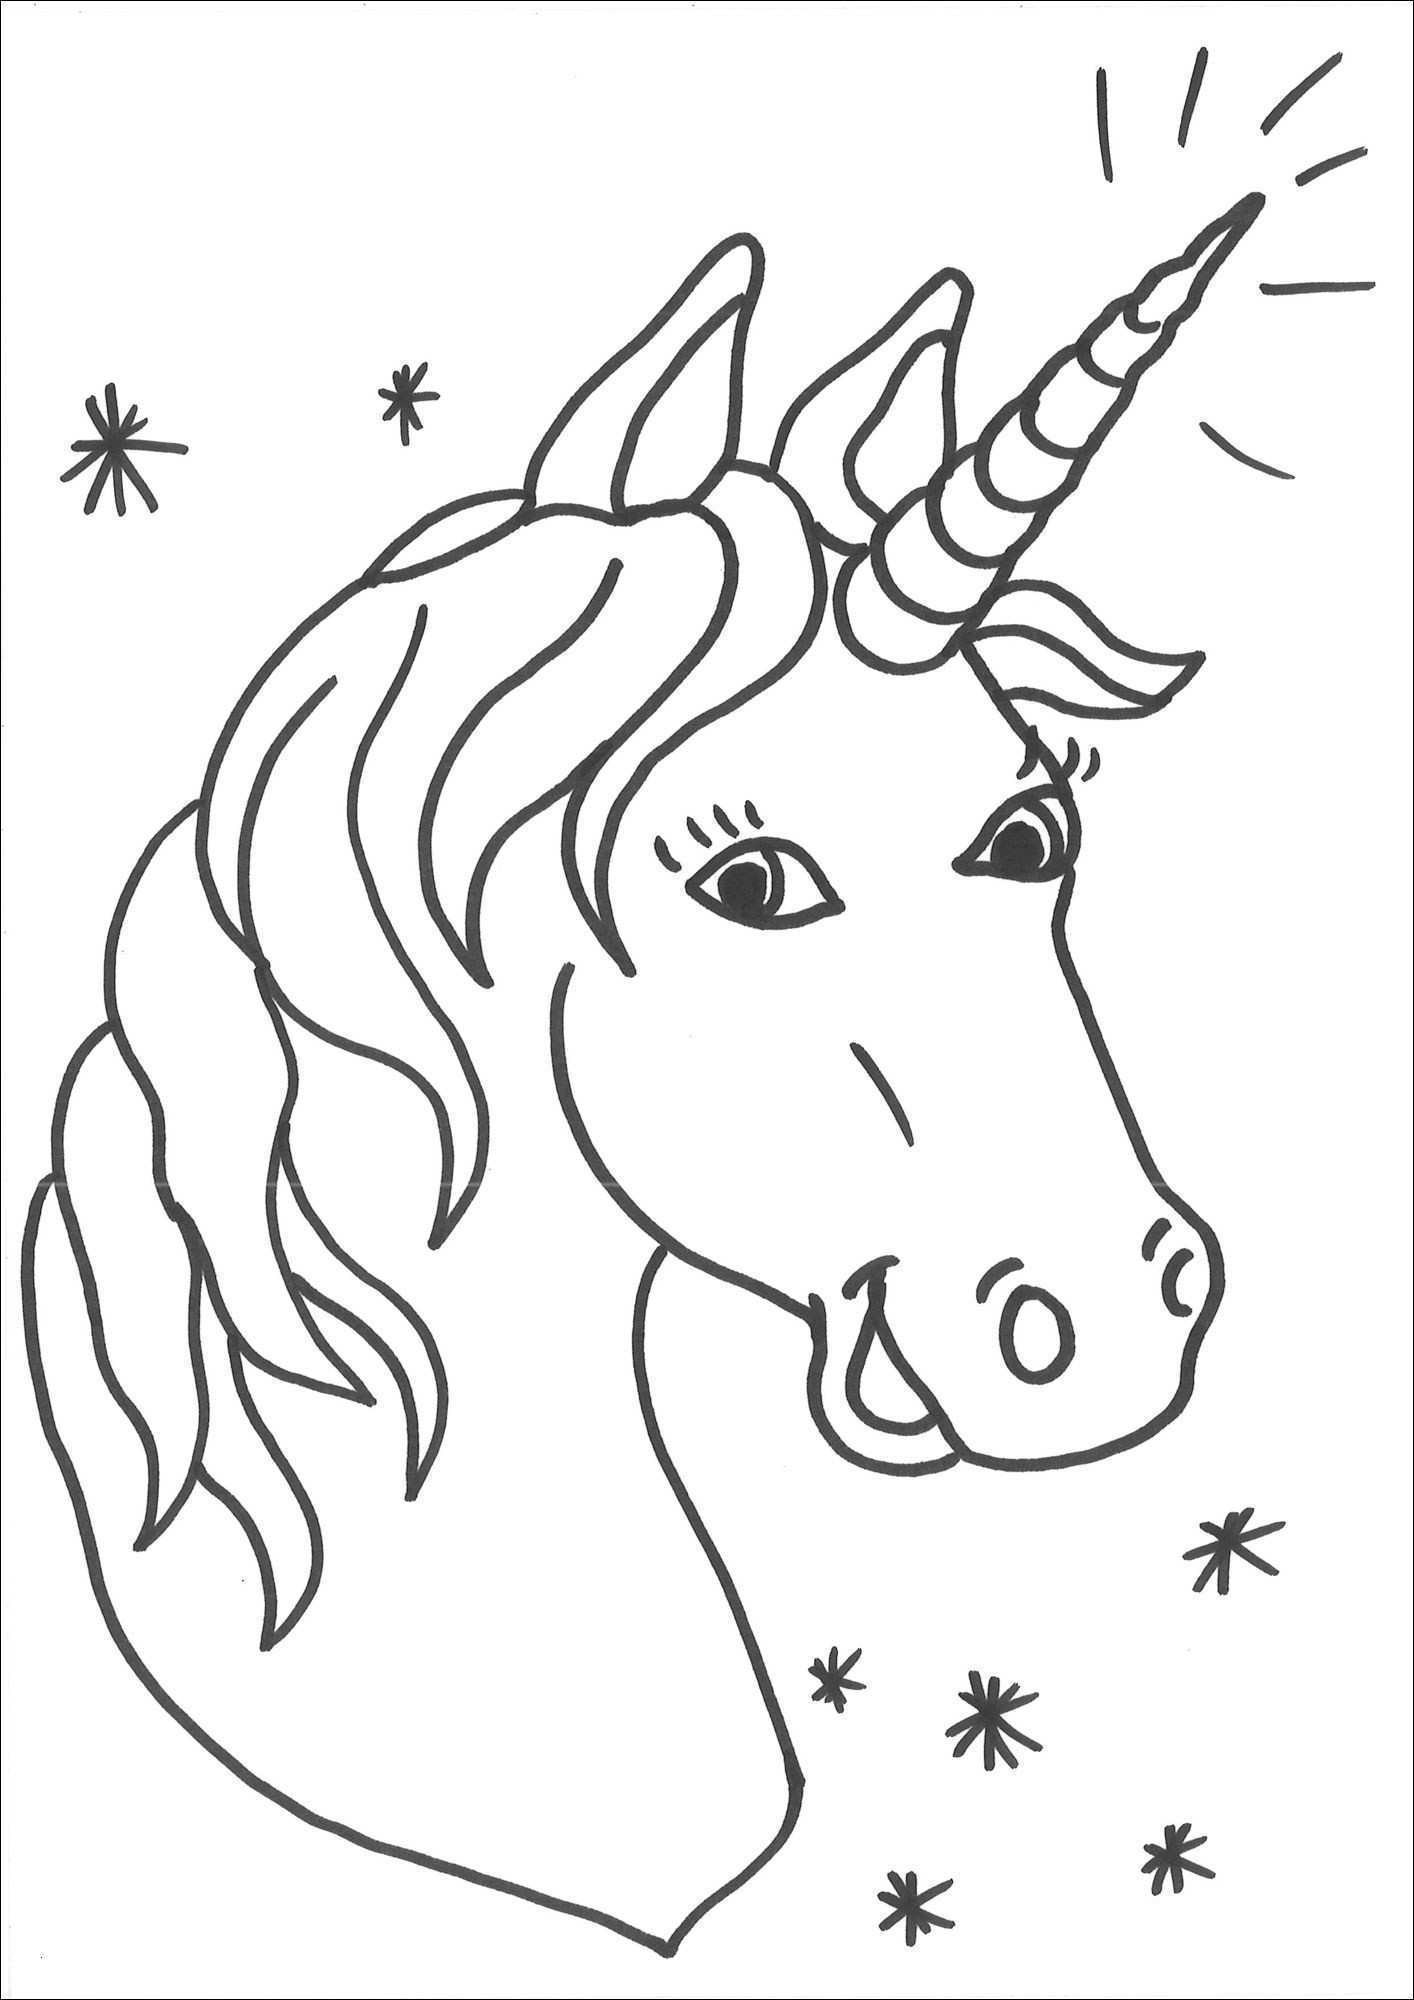 Nashorn Zum Ausmalen Neu Pegasus Zum Ausmalen Galerie 35 Malvorlagen Pegasus Scoredatscore Bilder